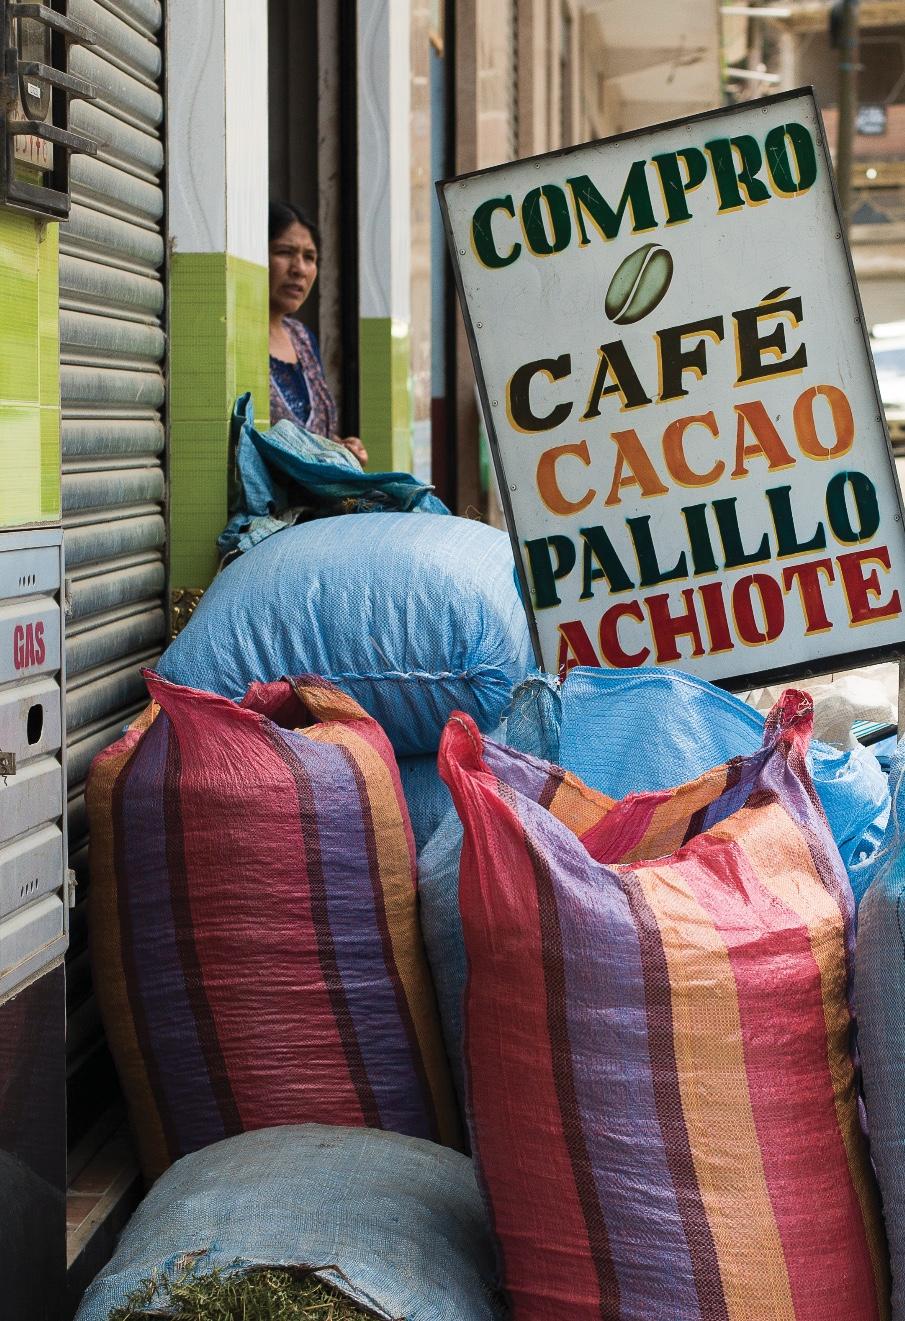 11042018_nota-cafe y coca 01.jpg